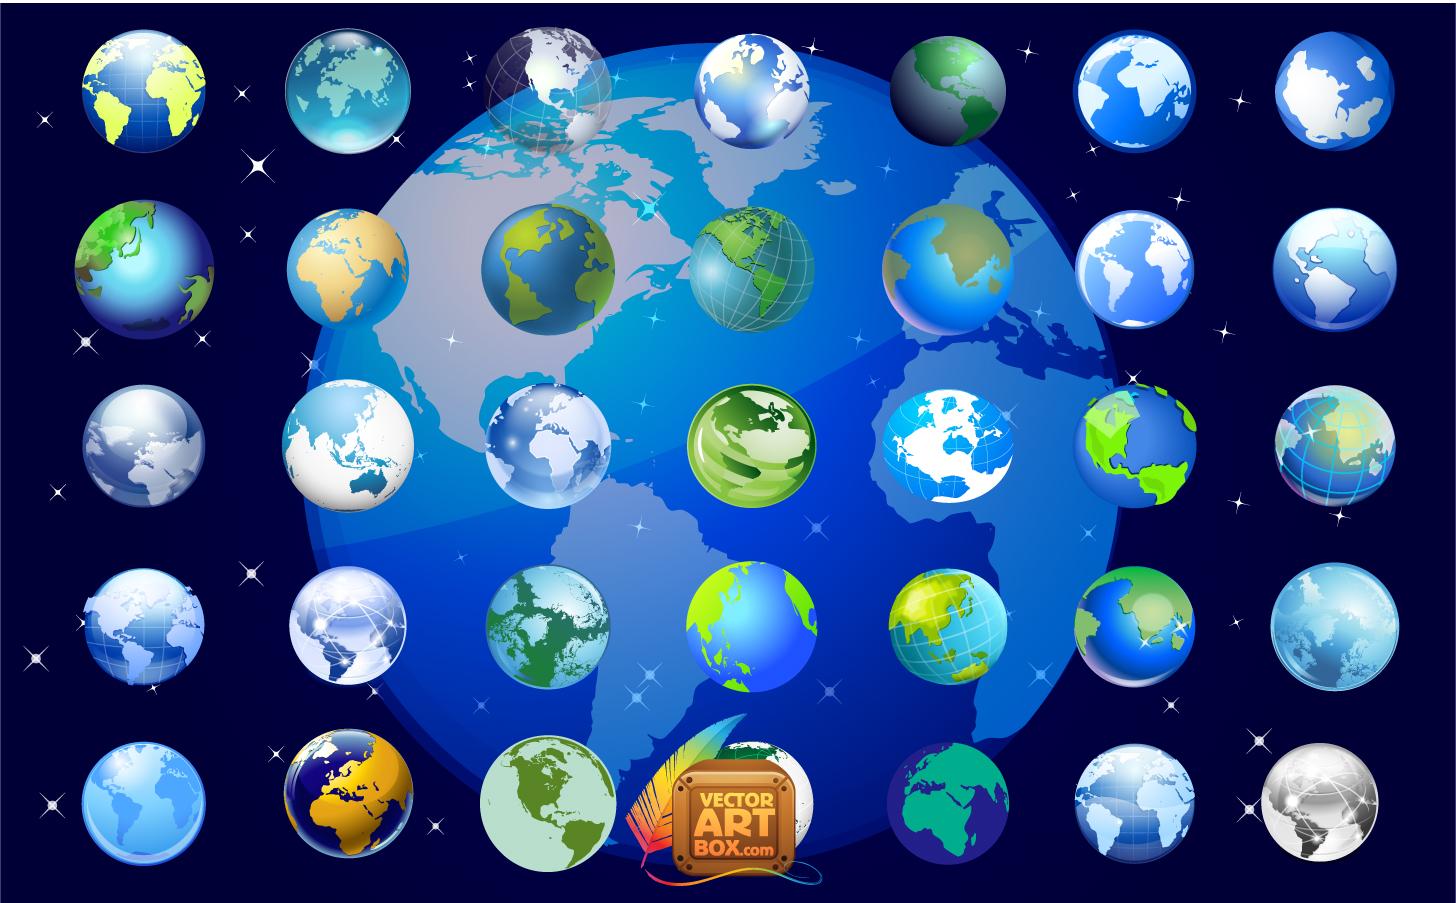 アングルを変えた地球儀のアイコンセット Earth Globe Icons Set イラスト素材